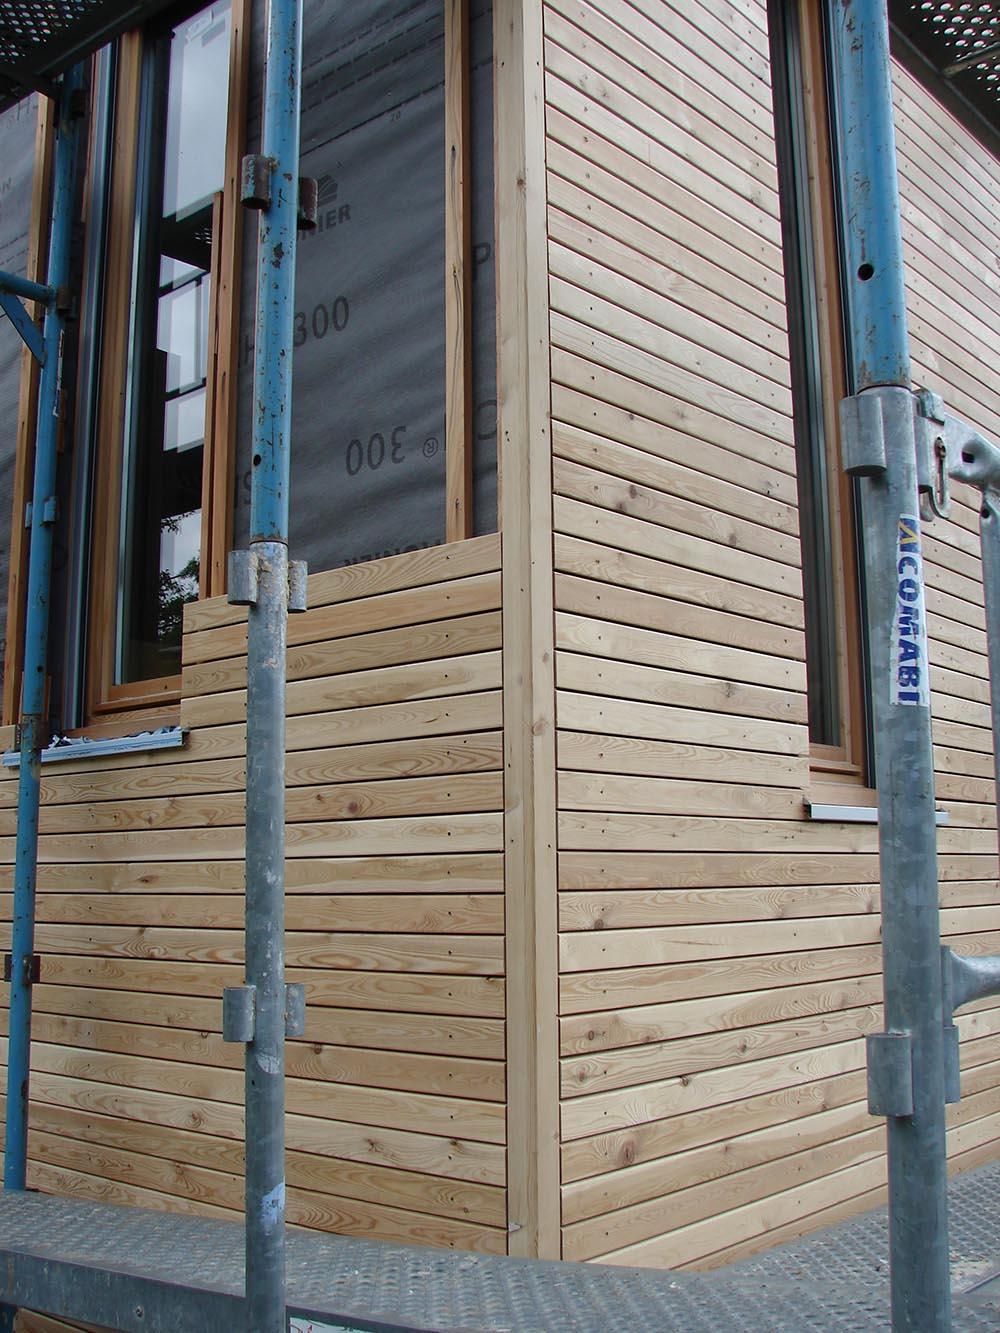 Savoir faire construction ossature bois suivi de chantier ATELIER CONSTRUCTION MAISON BOIS # Formation Construction Ossature Bois